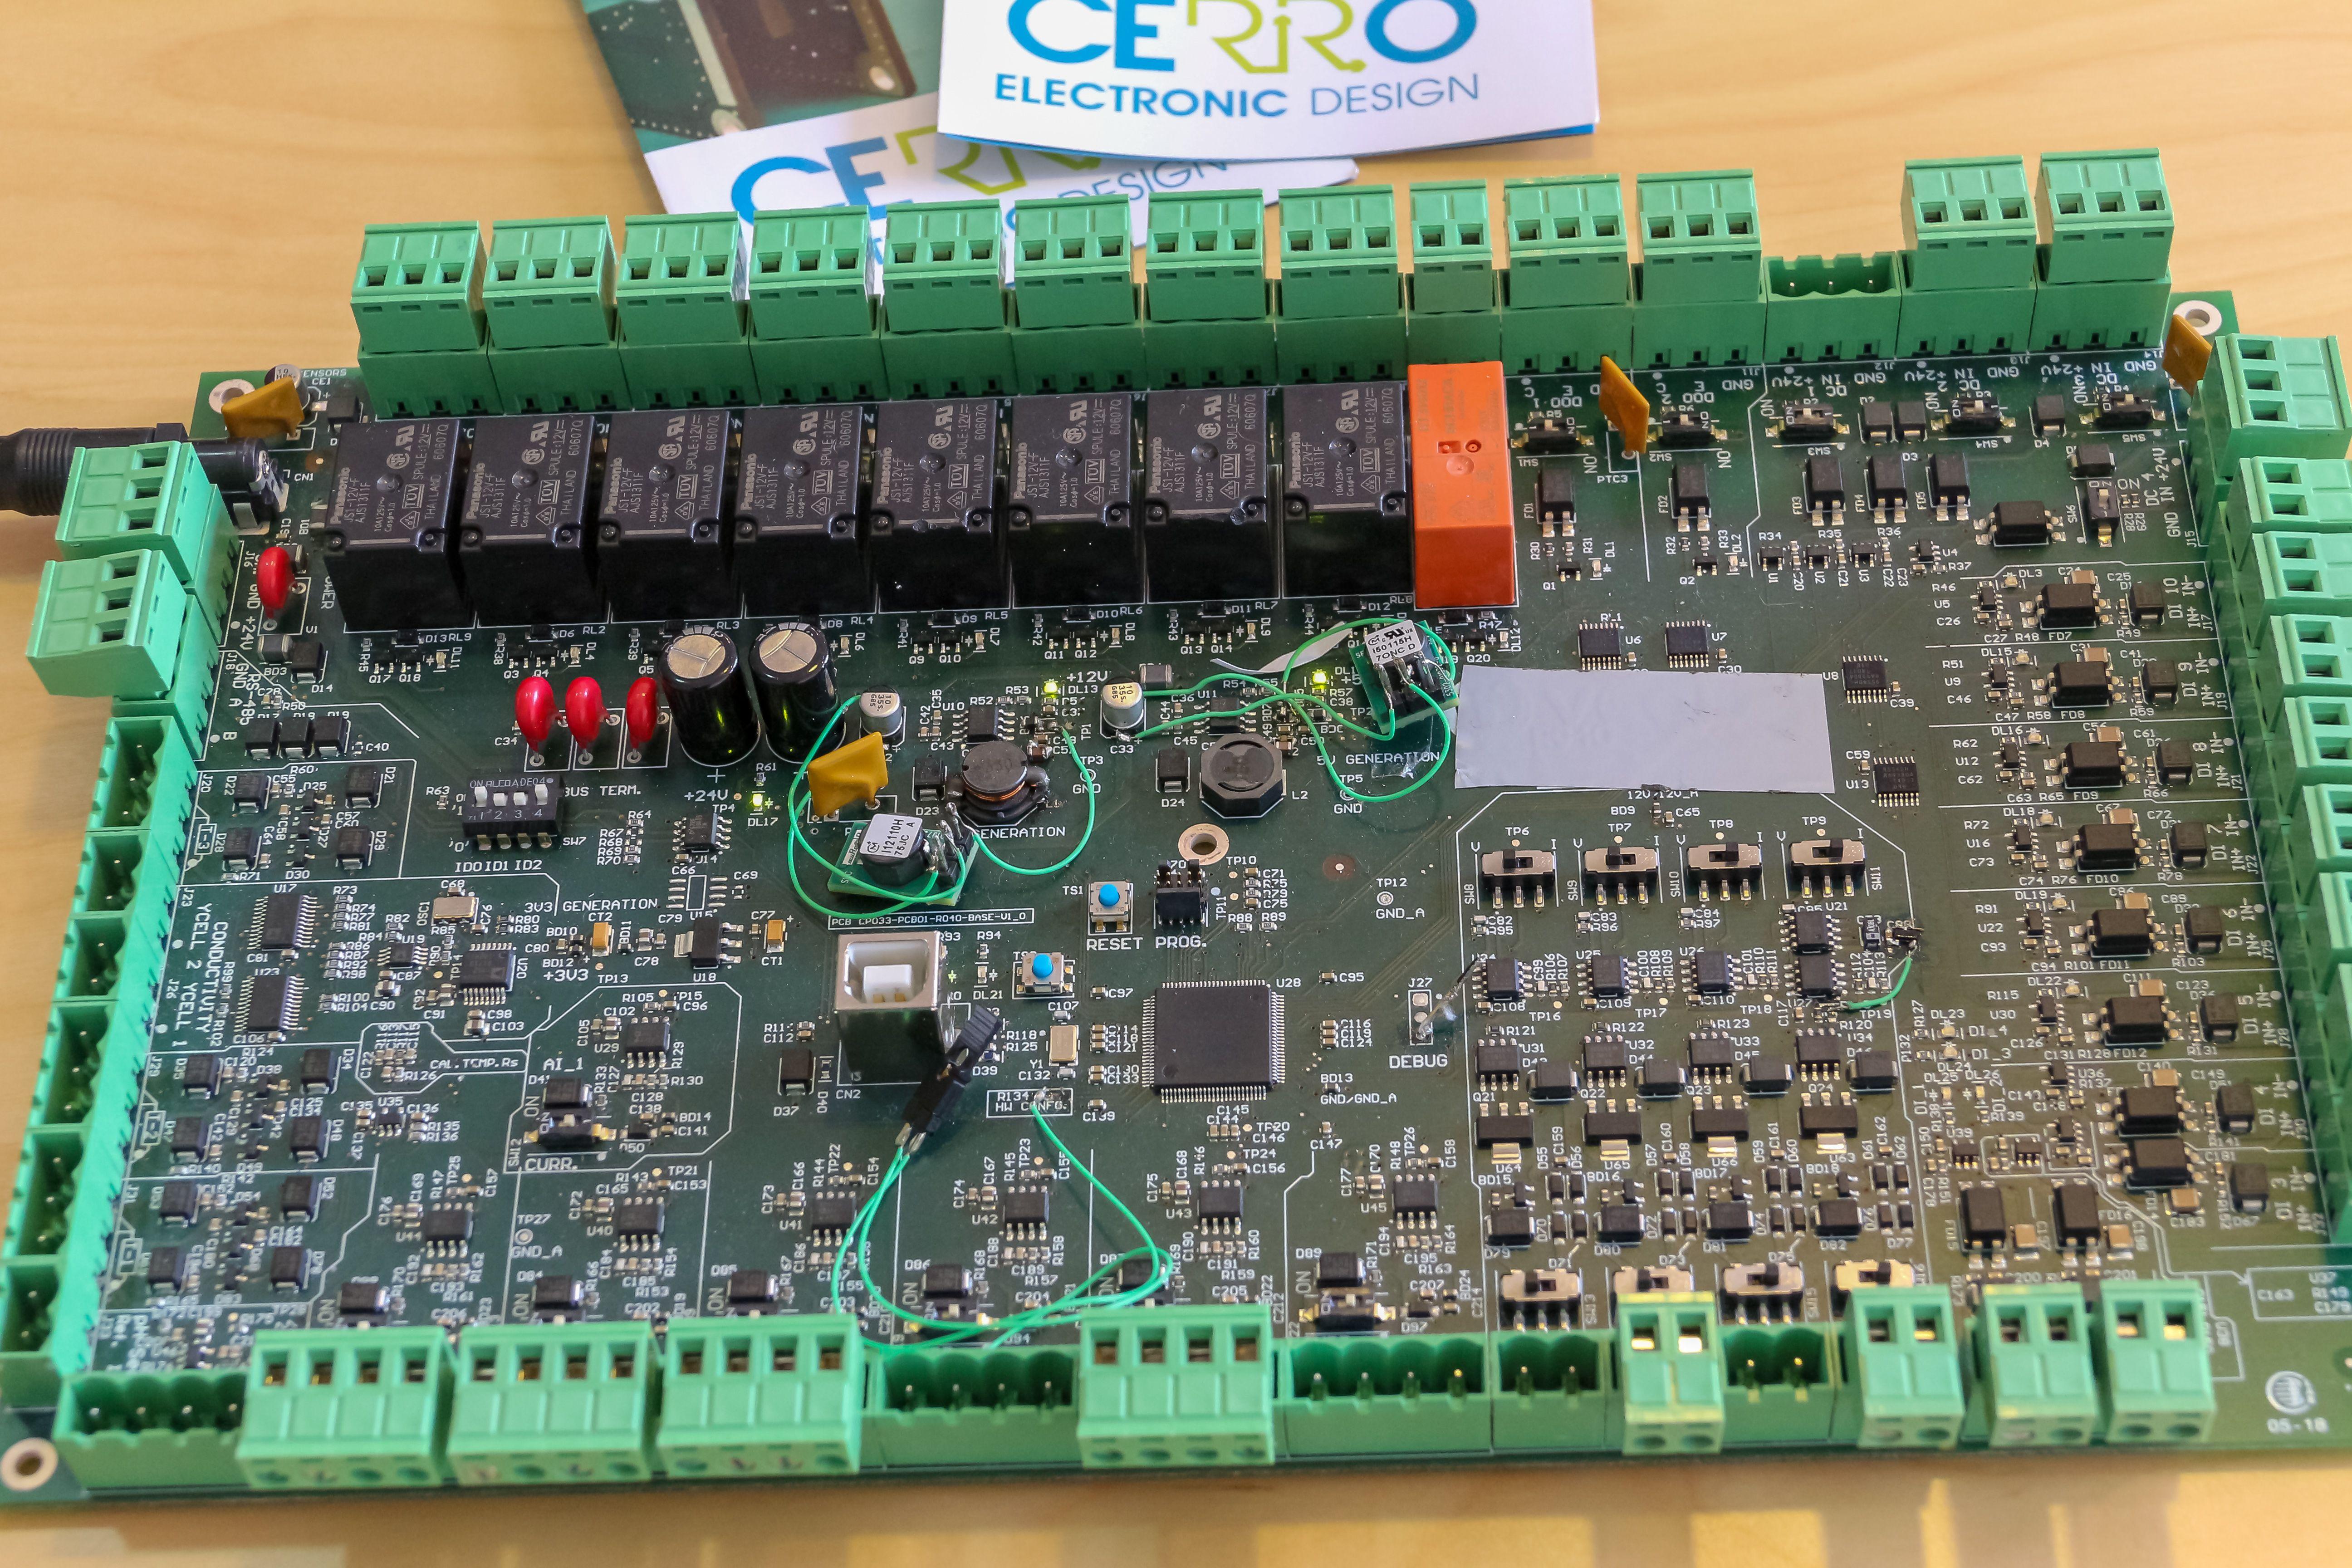 Planes de diseño de proyectos Cerro Electronic Desing en Madrid